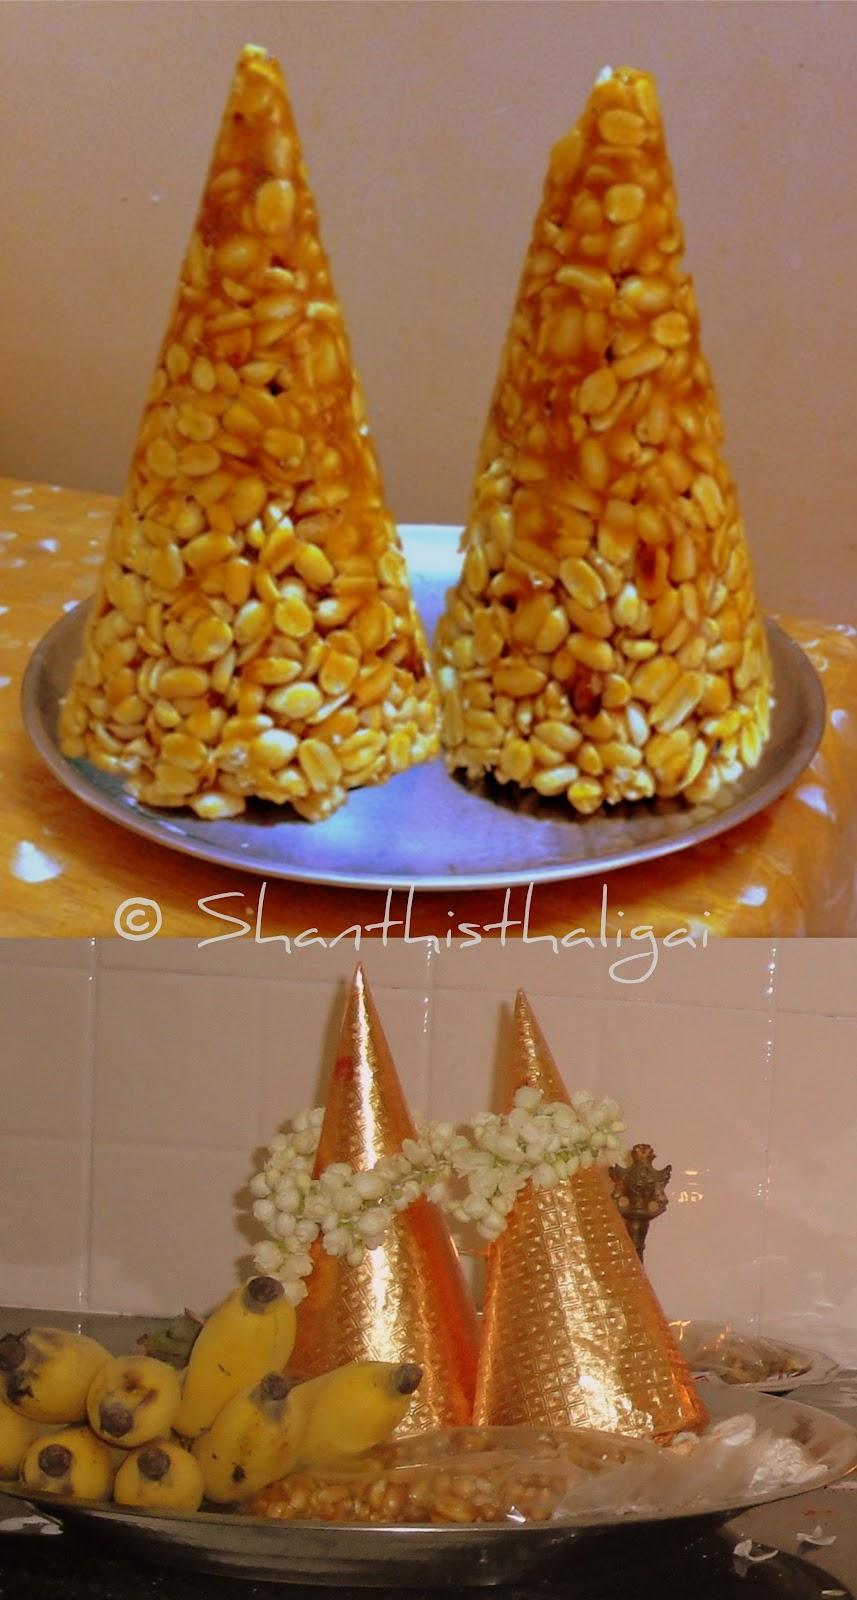 How to make paruppu thengai, How to make paruppu thengai at home